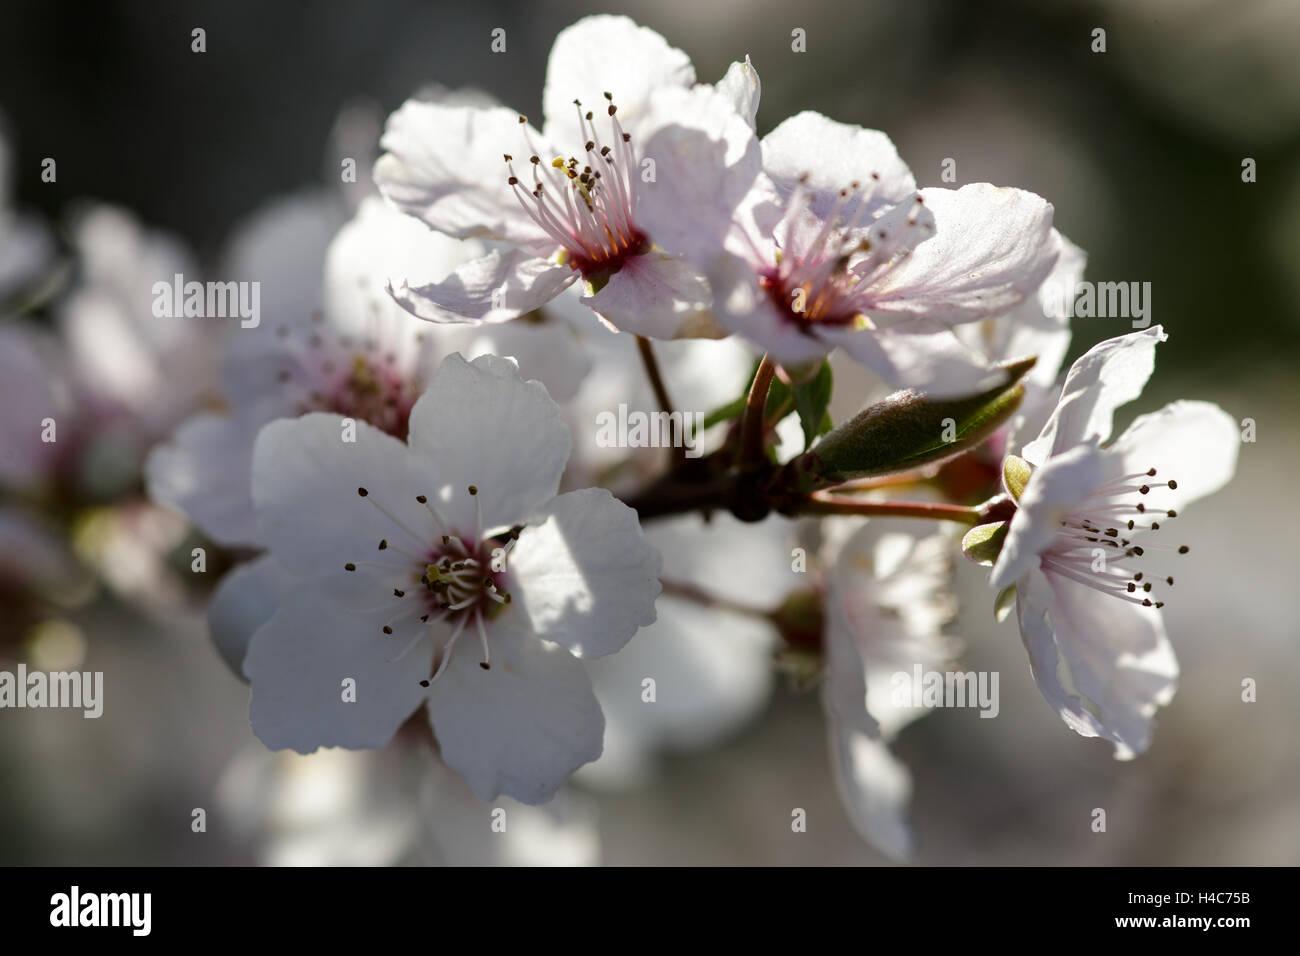 Prunus cerasifera - Stock Image